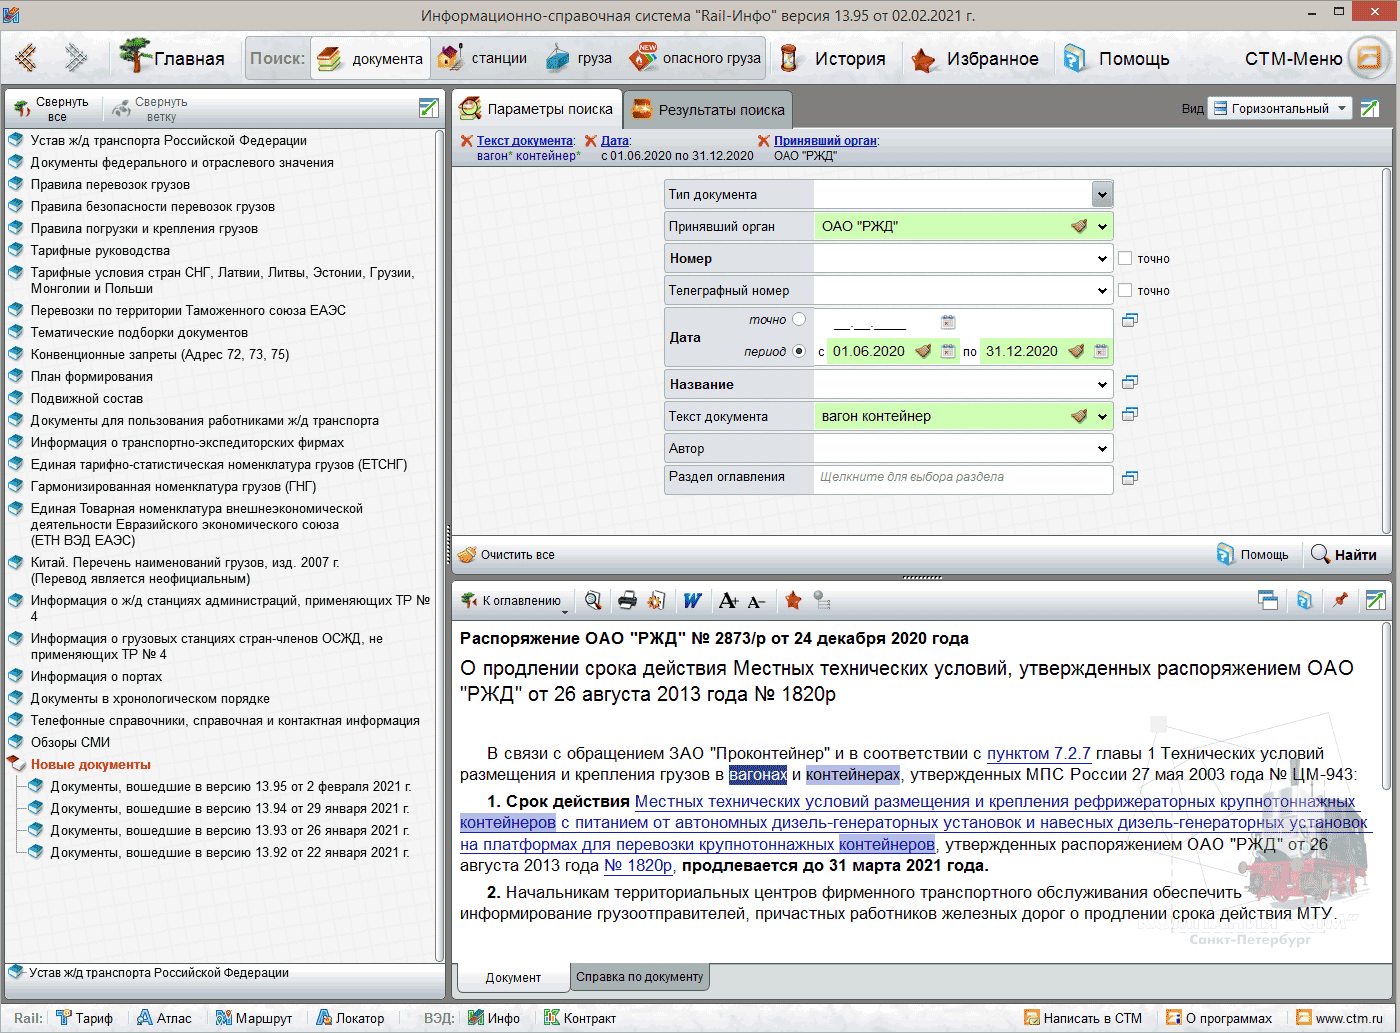 Поиск нормативных документов